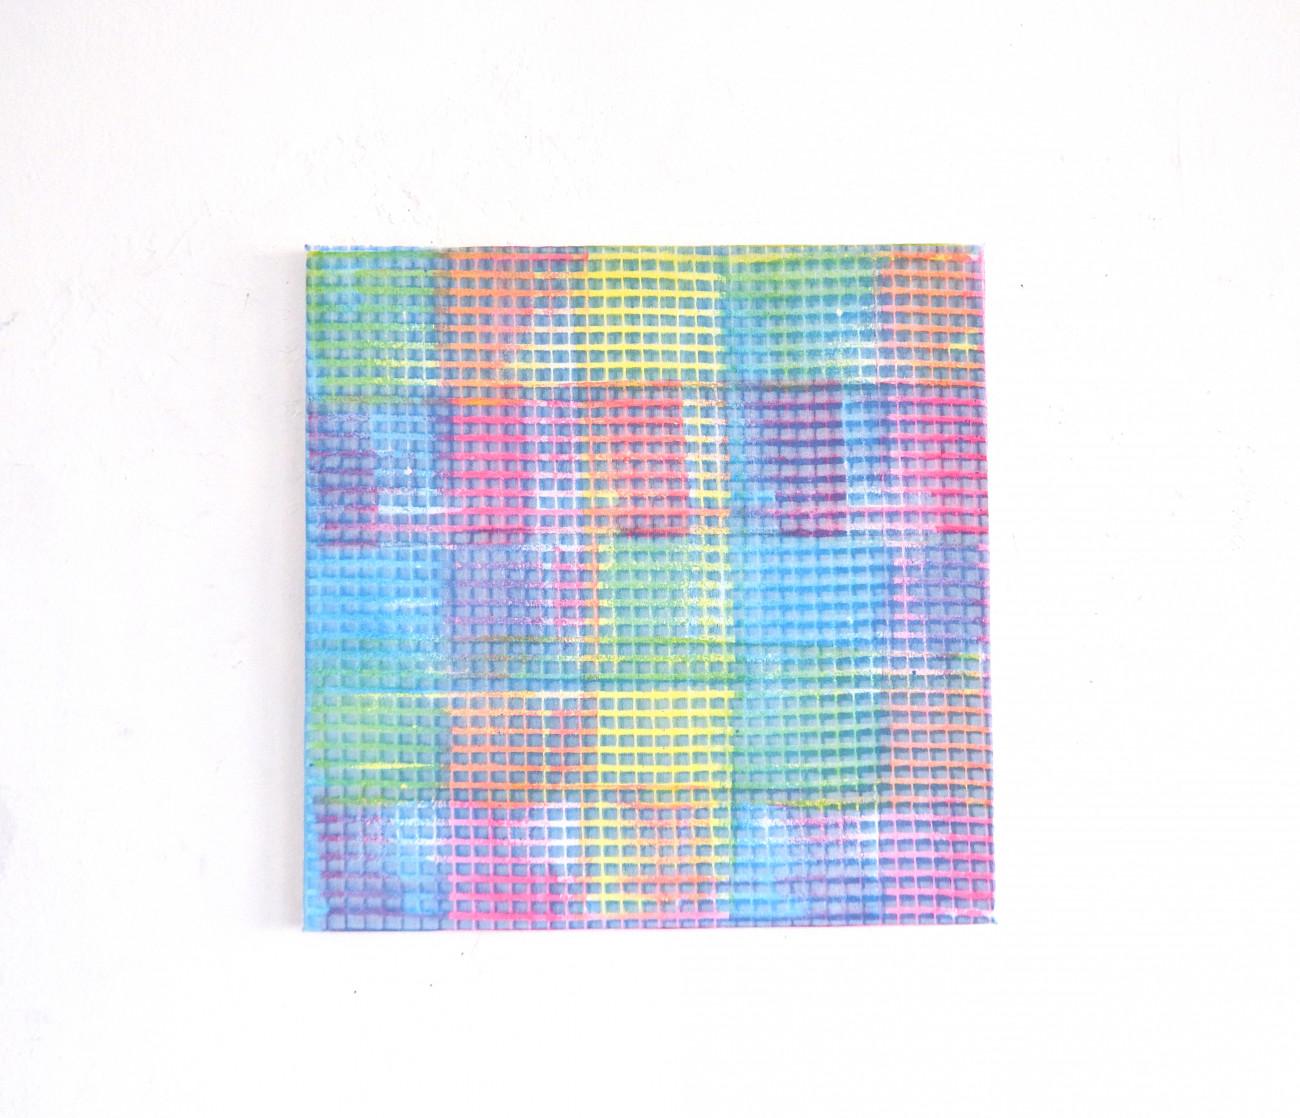 Sigrid Schewior, Meine künstlerische Arbeit entwickelt sich im Dialog zwischen analoger Kunst und ihrer Verschmelzung  mit digitalen Technologien. Sigrid Schewior